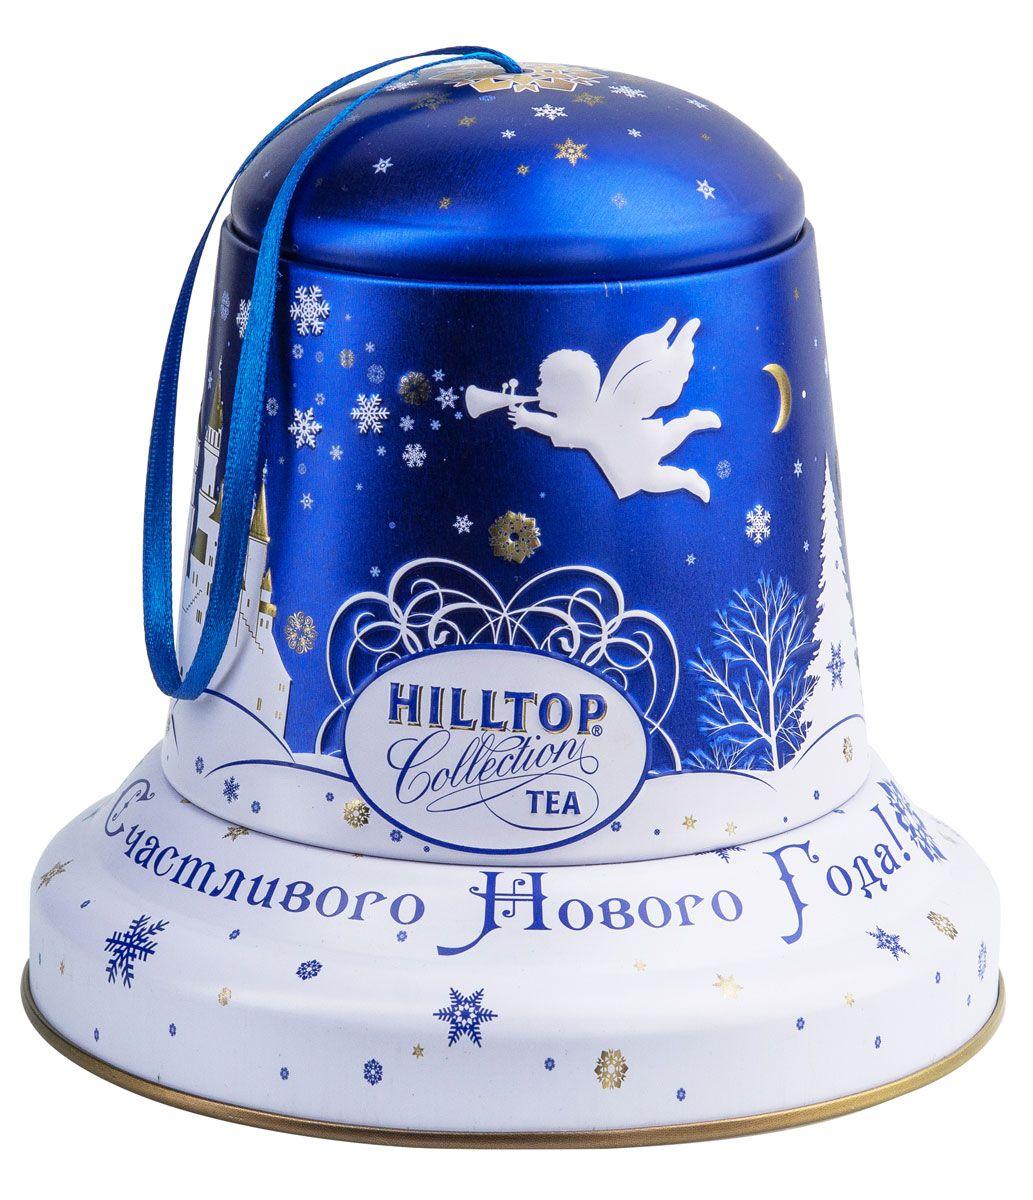 Hilltop Снежный ангел чайный набор, 100 г4607099304468Подарочная упаковка чая Hilltop Снежный ангелпослужит великолепным украшением вашего дома в новогодние праздники! Благодаря необычному дизайну в виде елочной игрушки - колокольчика коробку можно повесить прямо на новогоднюю елку. Внутри вы найдете благородный китайский чёрный чай Чёрное золото, сочетающий утонченный древесный аромат с крепостью настоя и богатым вкусом с оттенком чернослива.Всё о чае: сорта, факты, советы по выбору и употреблению. Статья OZON Гид